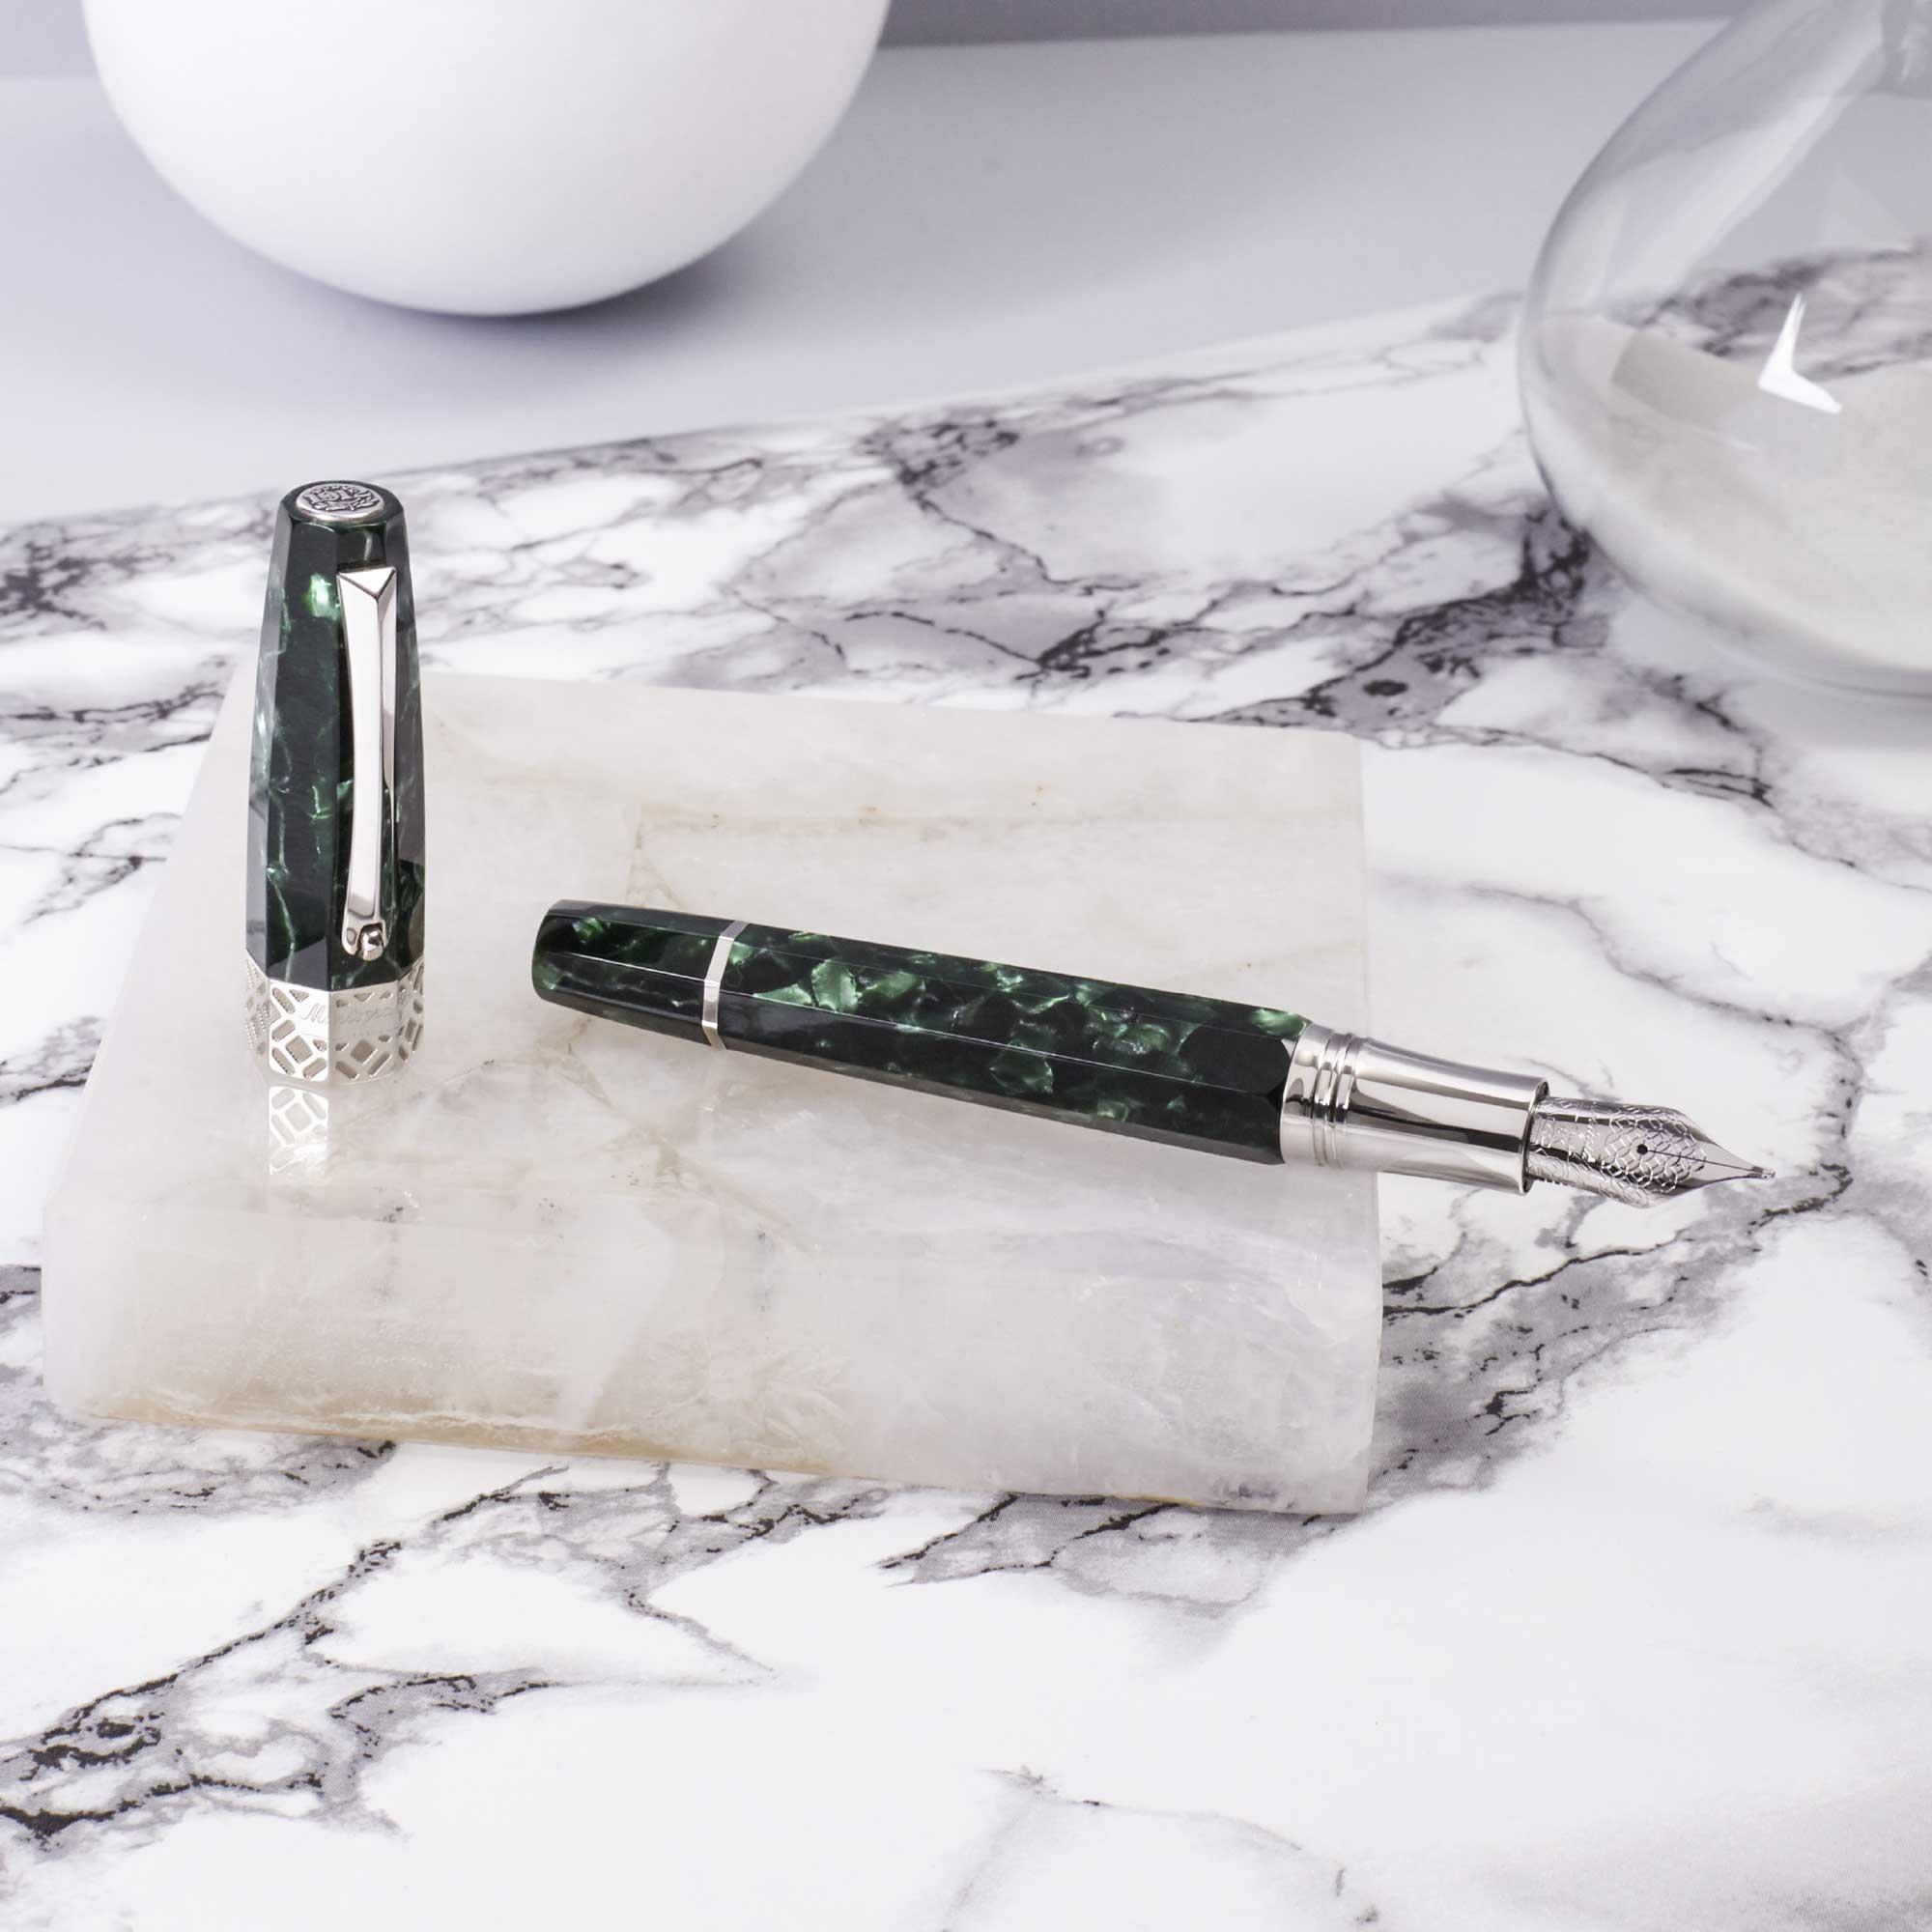 Montegrappa-Extra-Otto-Malachite-fountain-pen-open-nibsmith